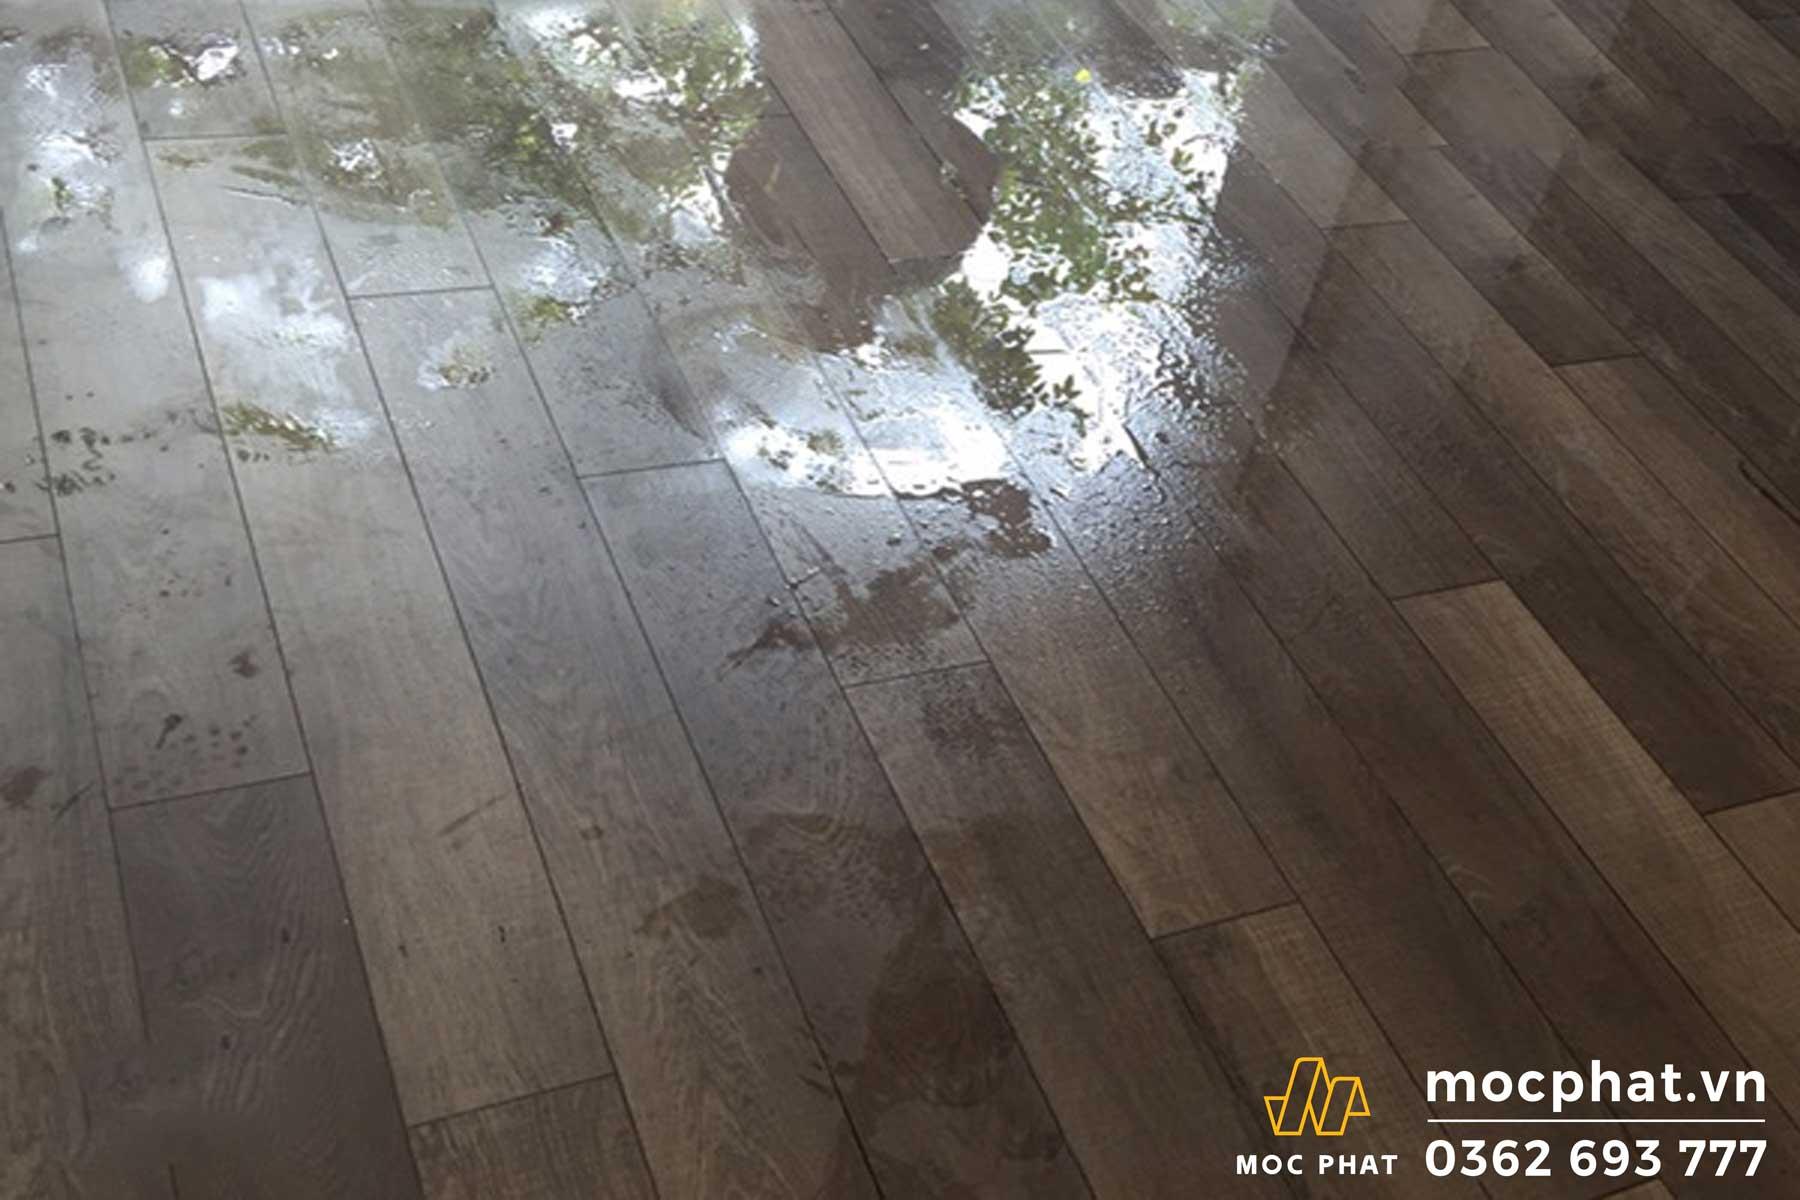 Cách xử lý sàn gỗ công nghiệp trong nhà